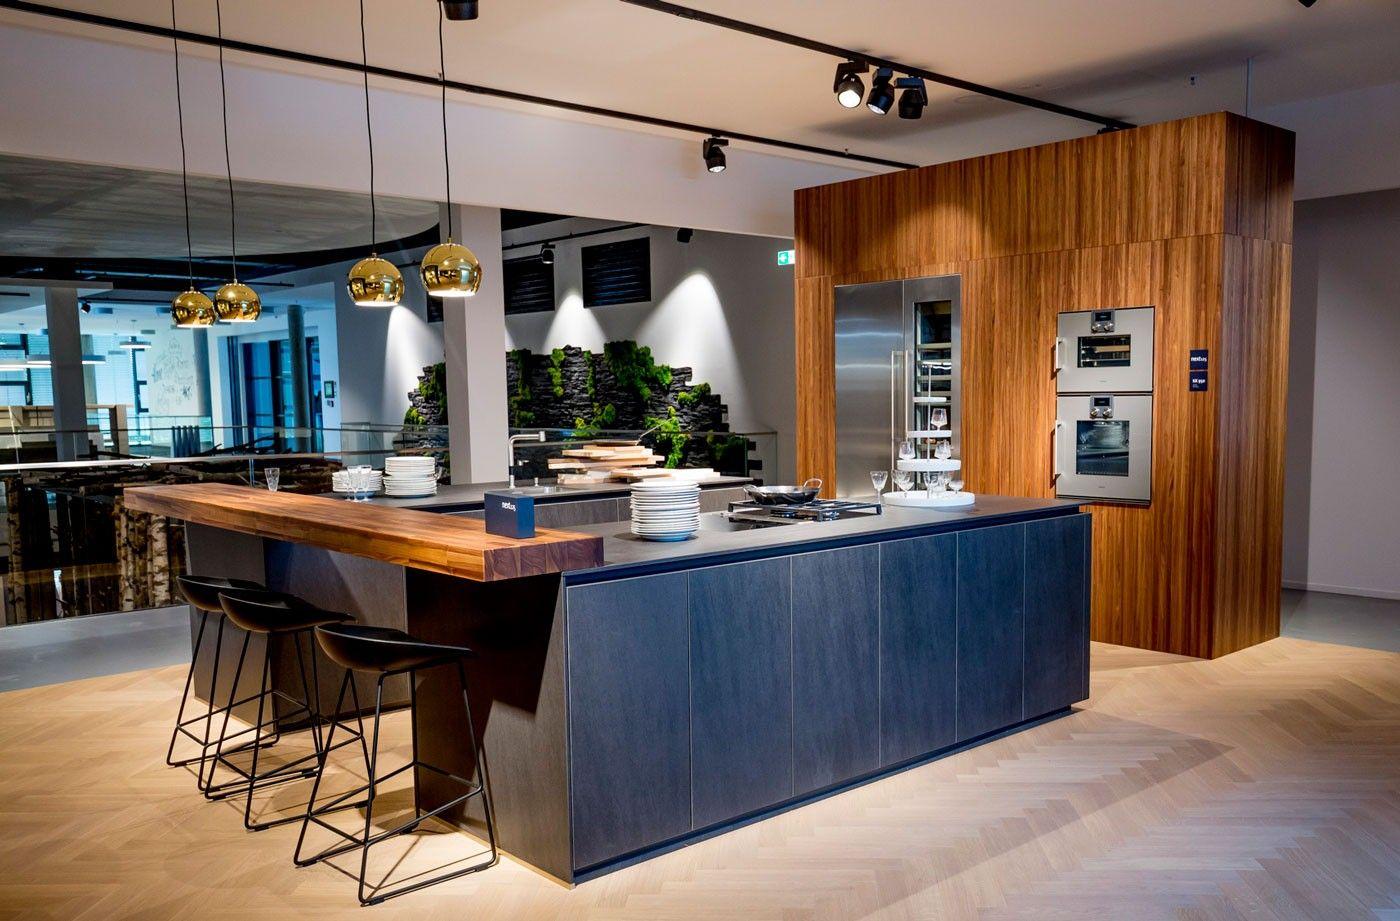 Bildergebnis für next 125 küche Küche, Haus design und